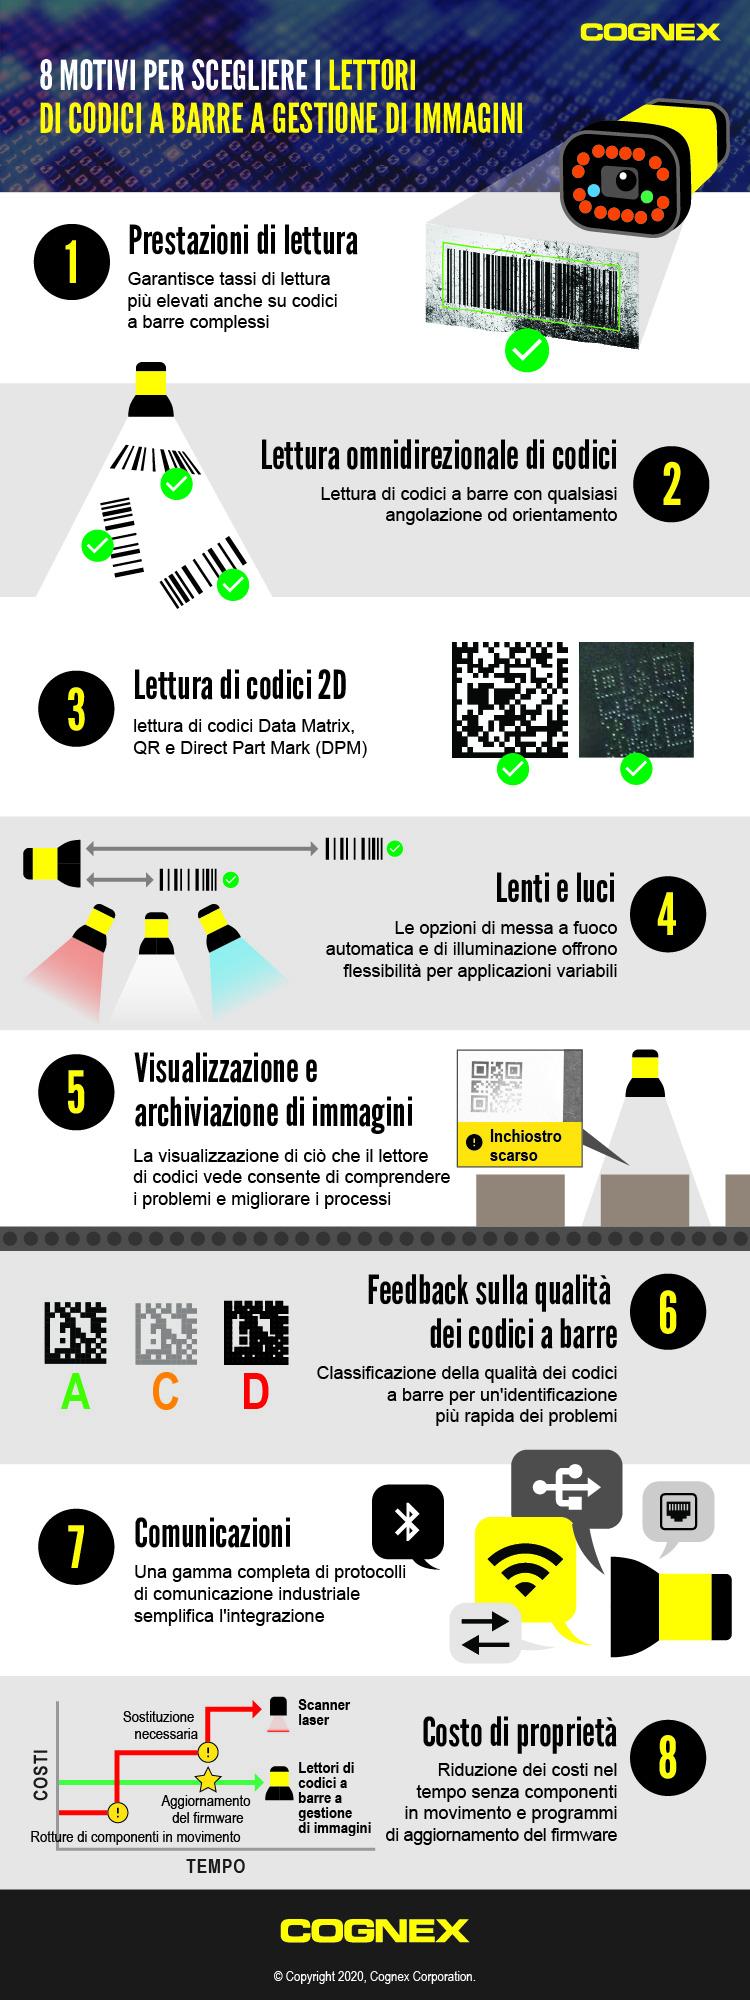 8 motivi per scegliere i lettori di codici a barre - Infografica